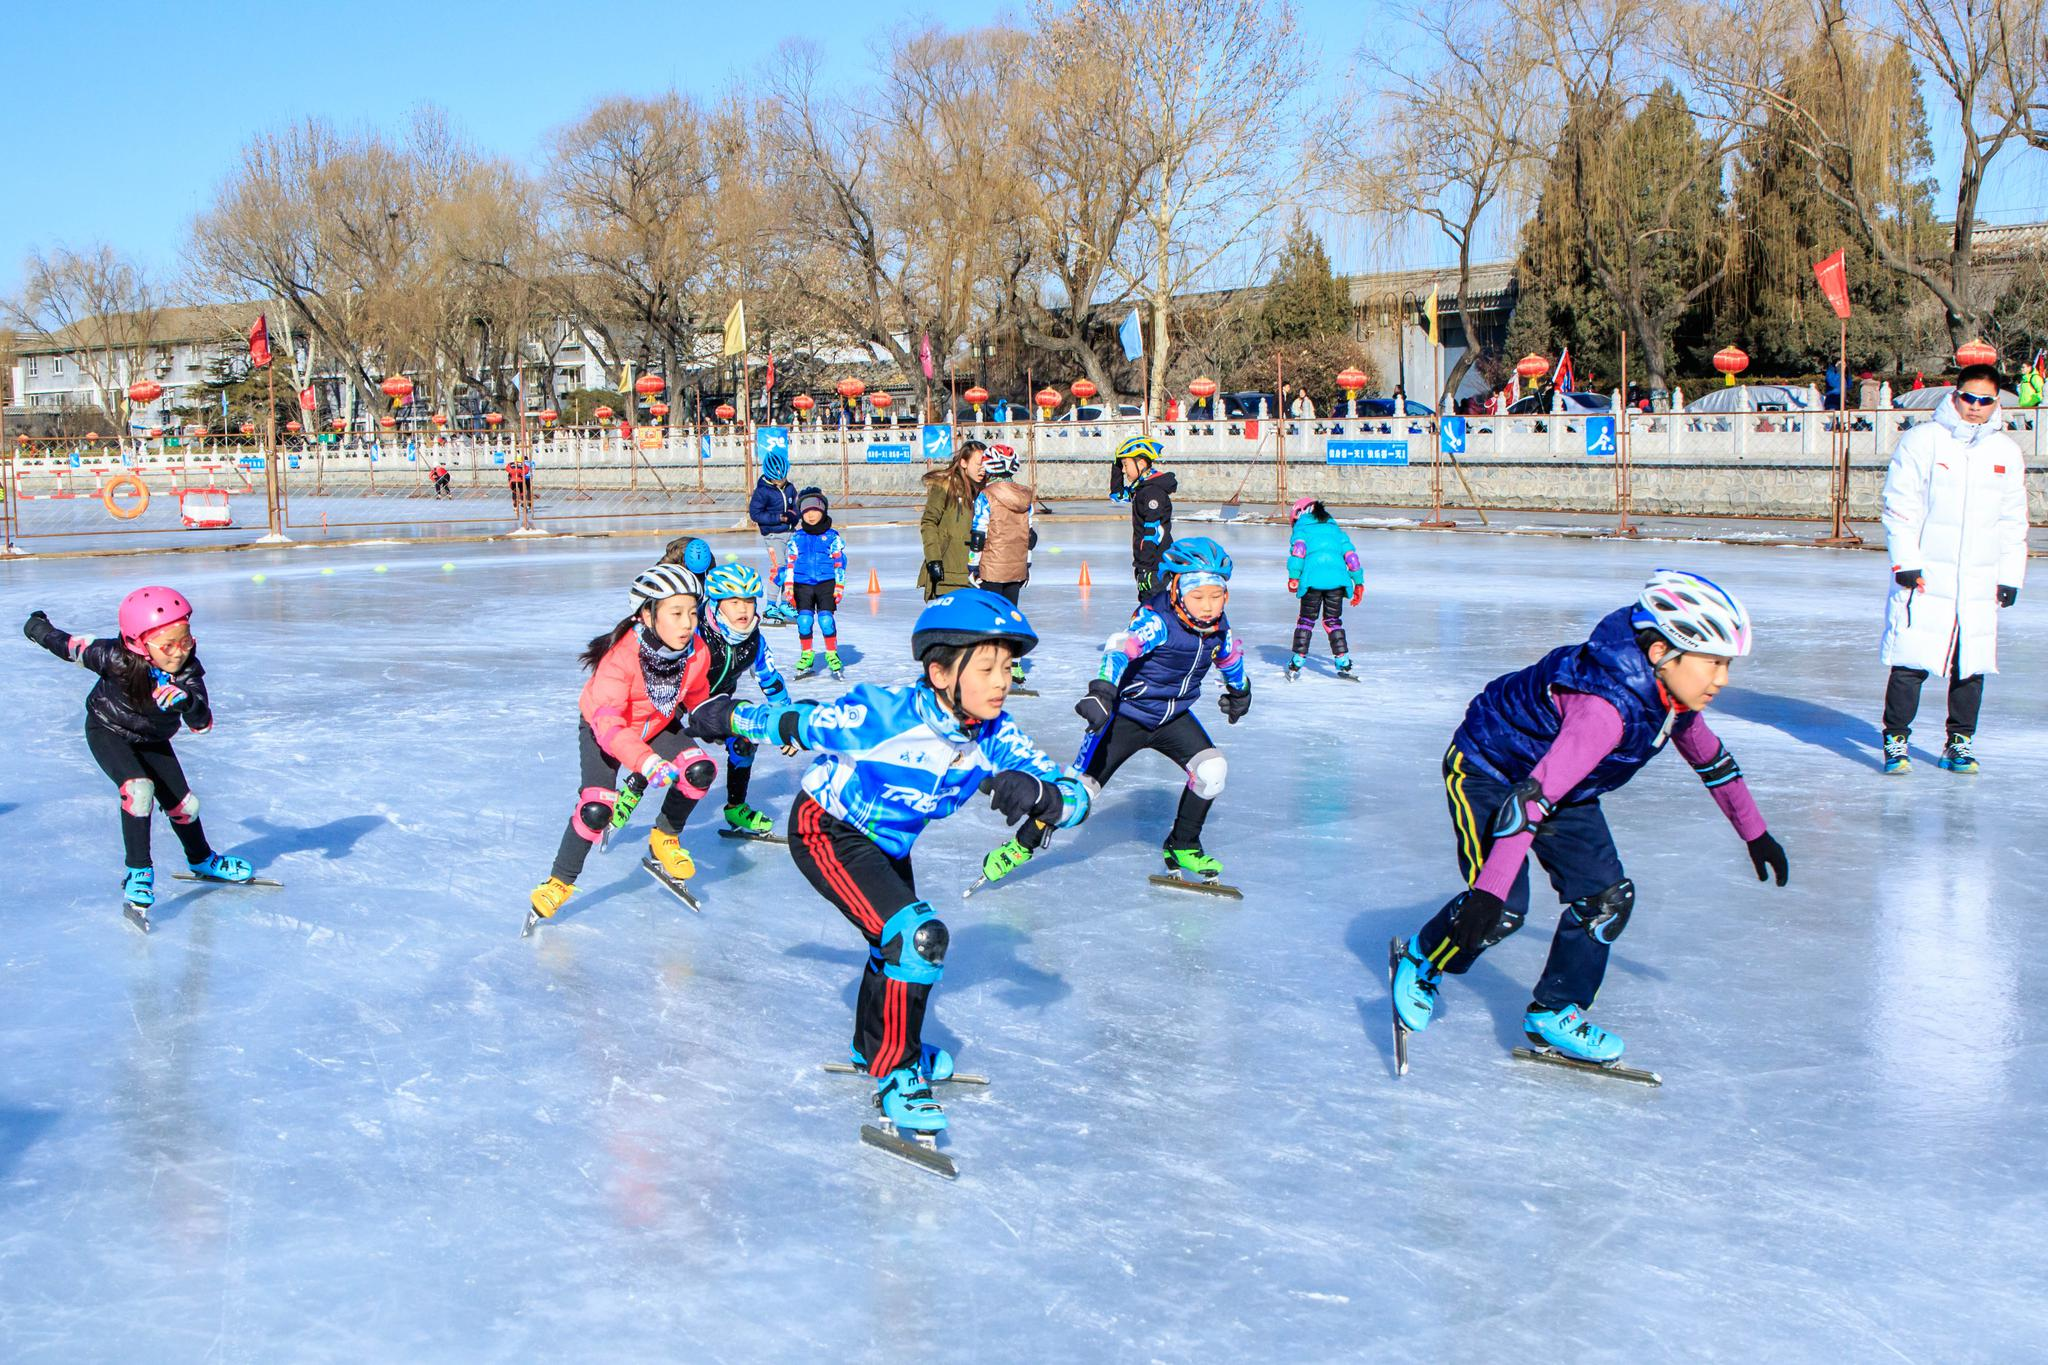 市体育公益活动助力冬奥,八旗冰嬉再现传统冰上民俗神韵